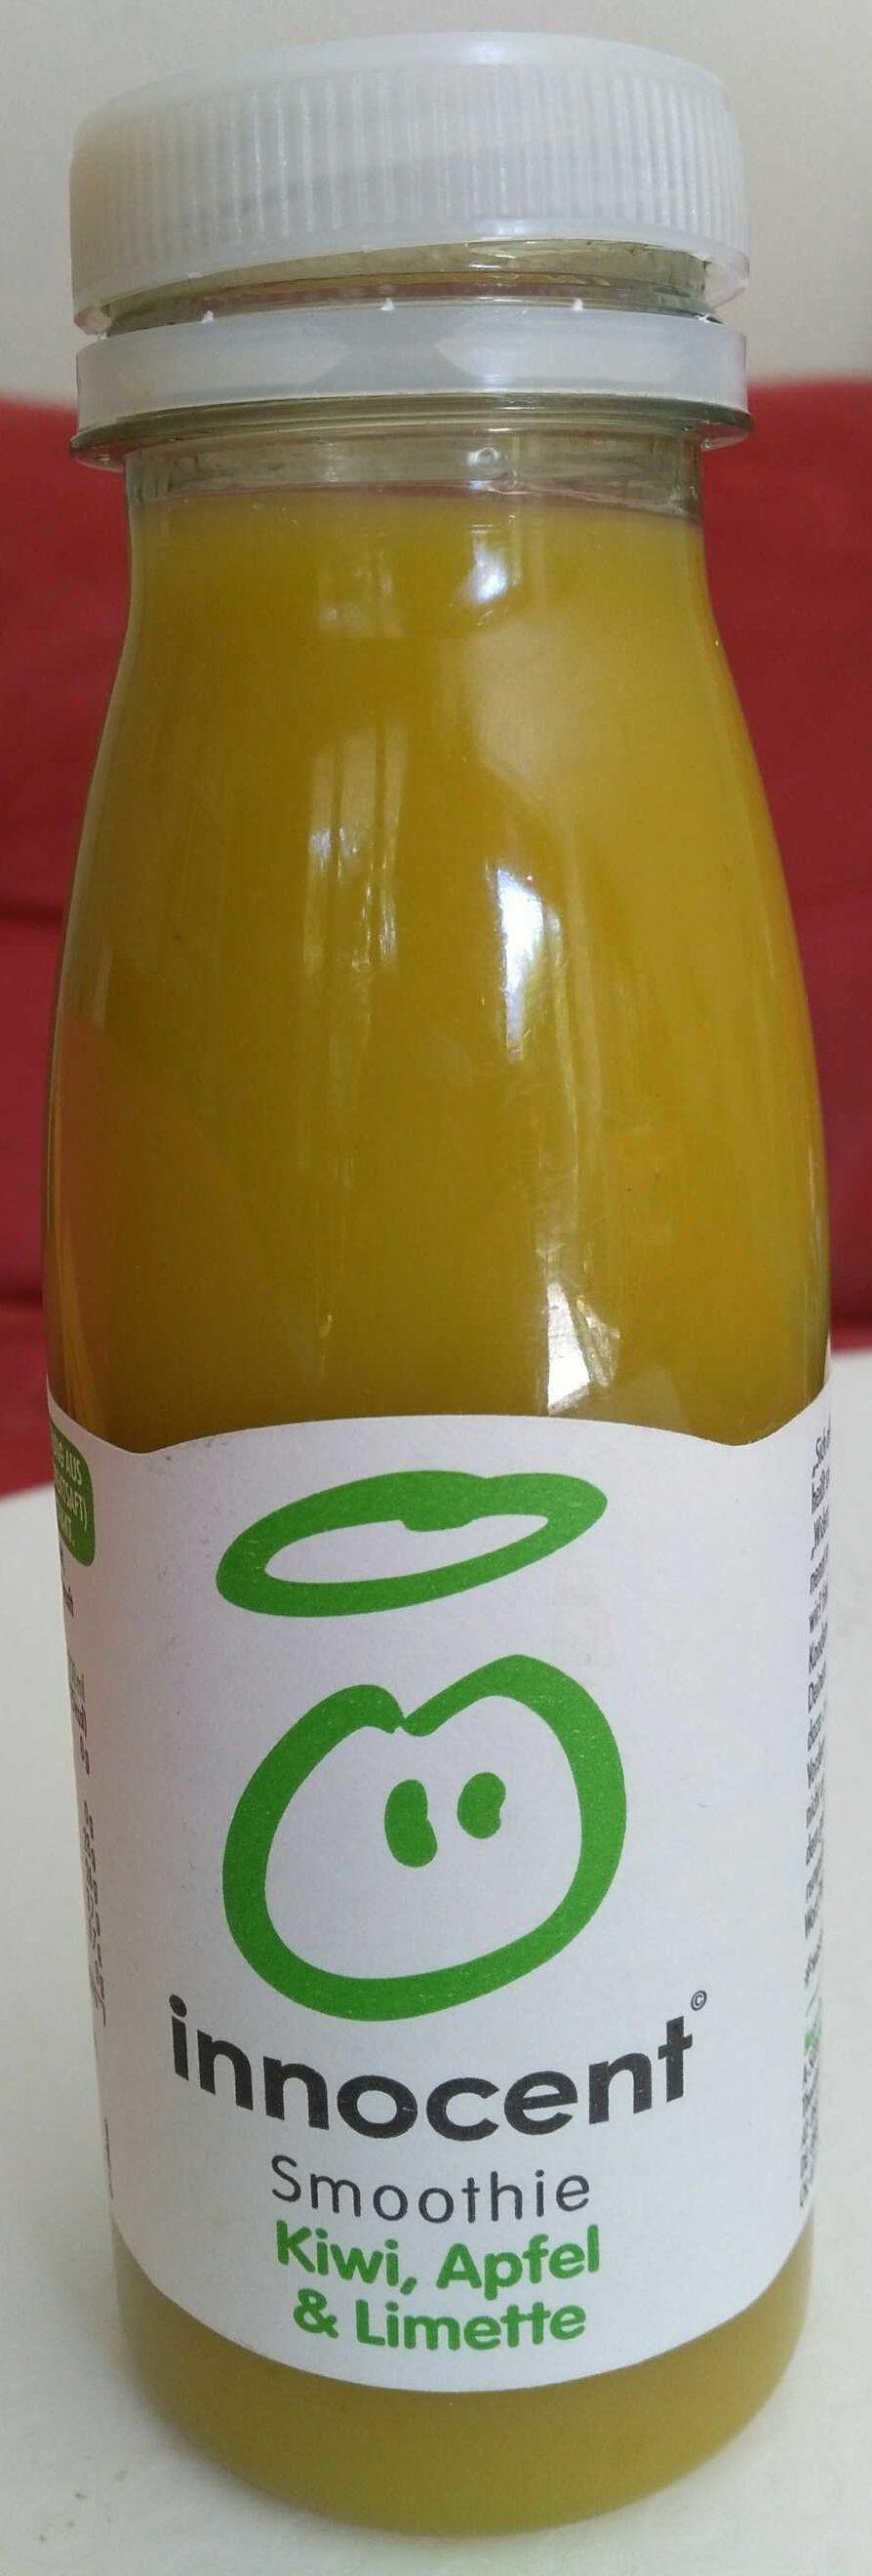 Smoothie Kiwi, Apfel & Limette - Produit - fr